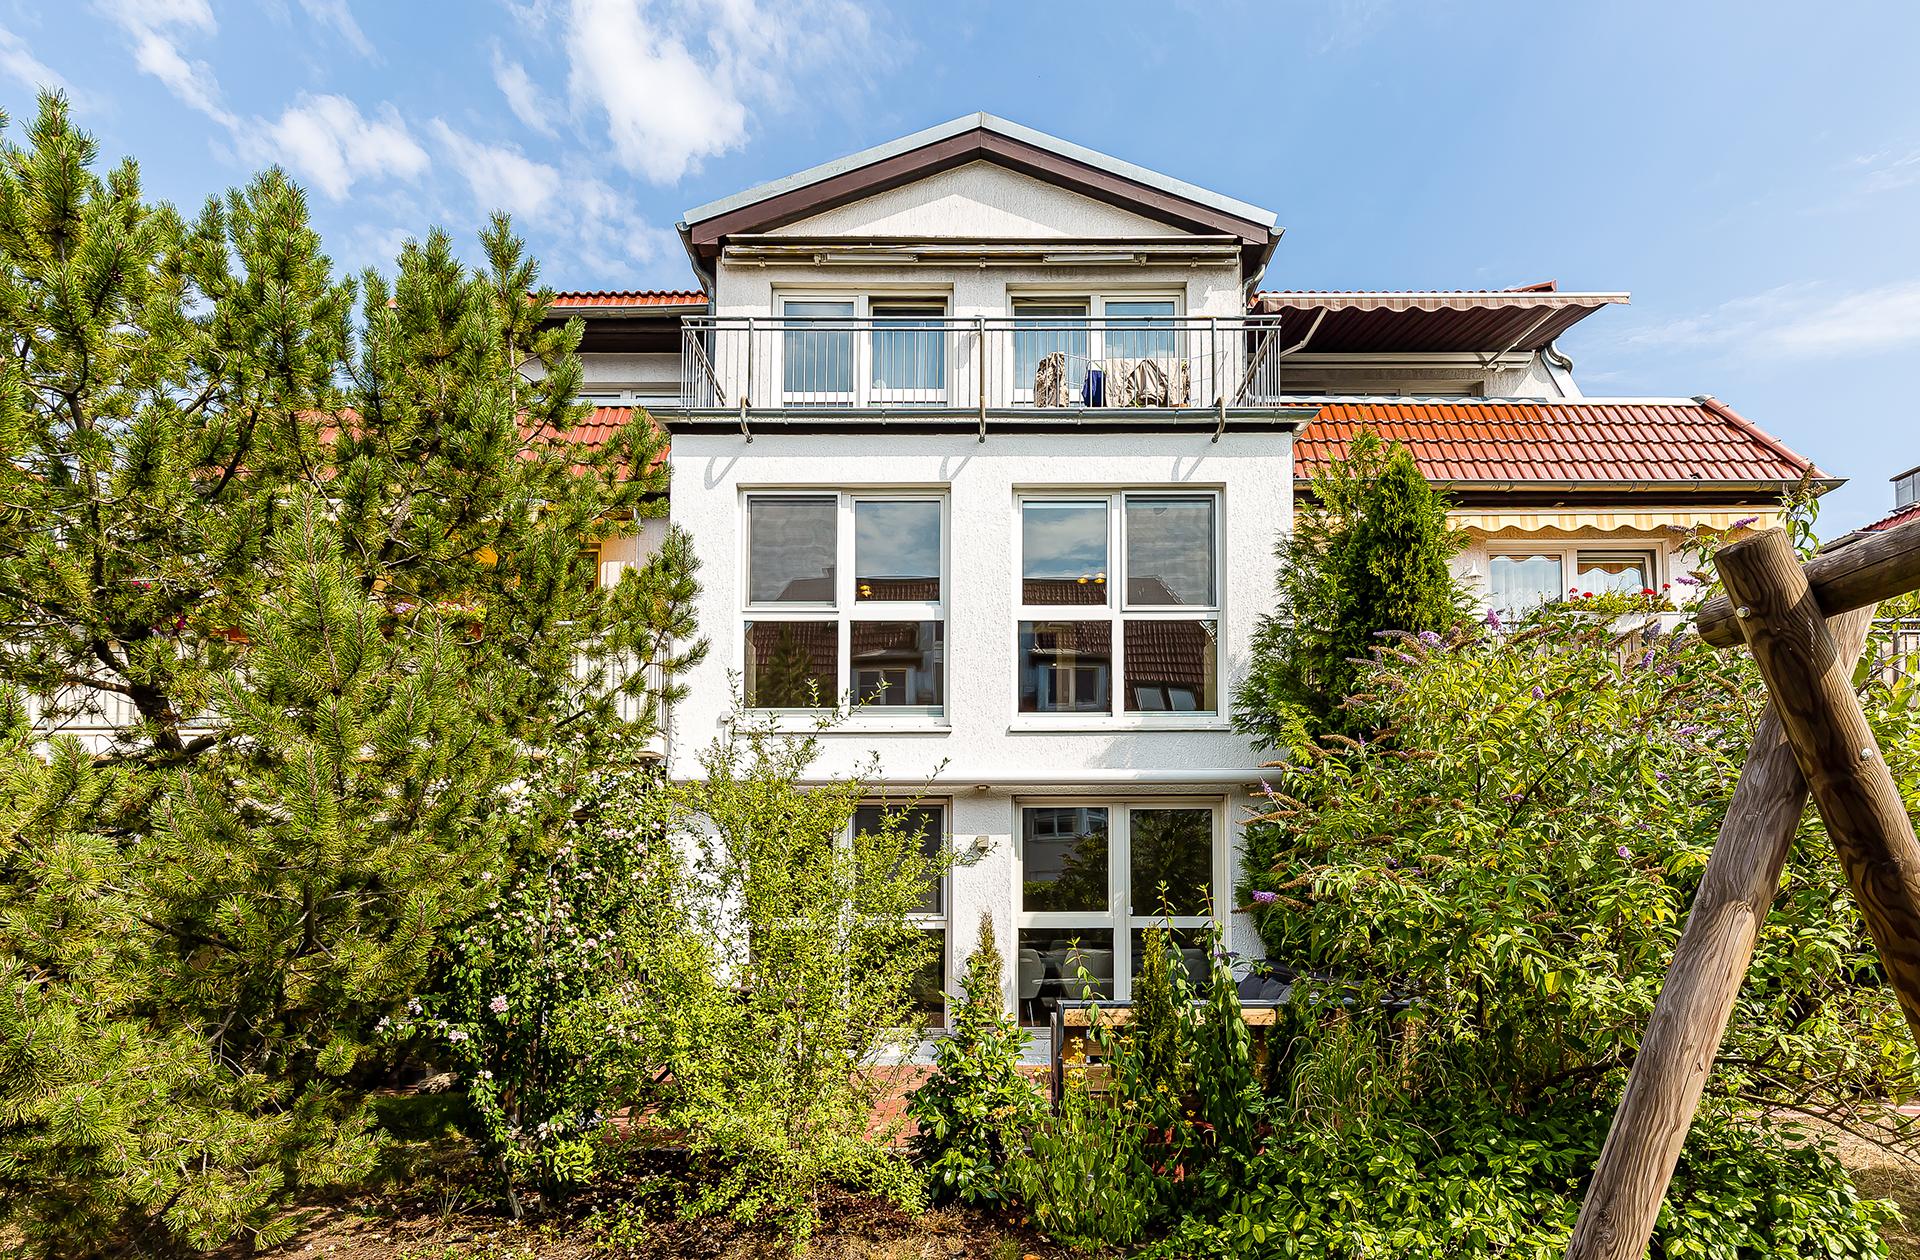 Brigittenweg 9A, 12524 Berlin